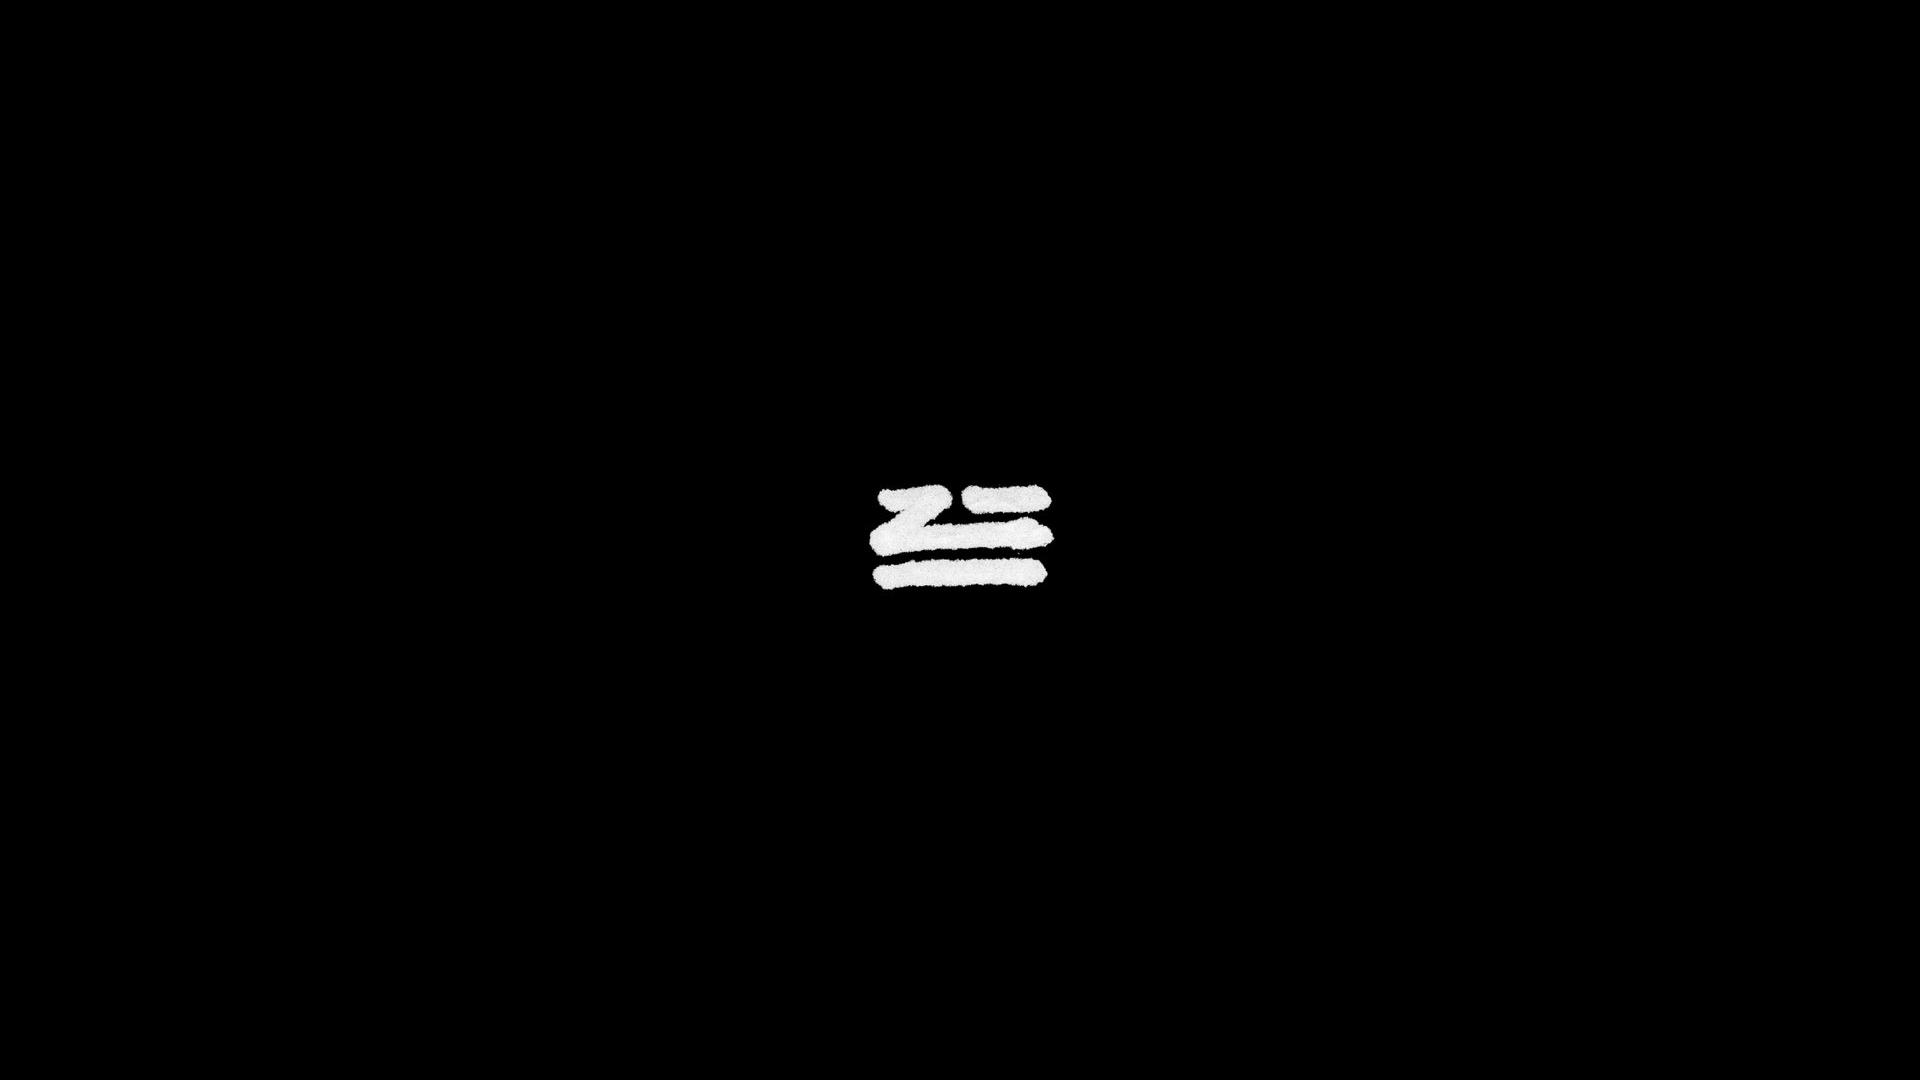 zhu logo wallpaper 70320